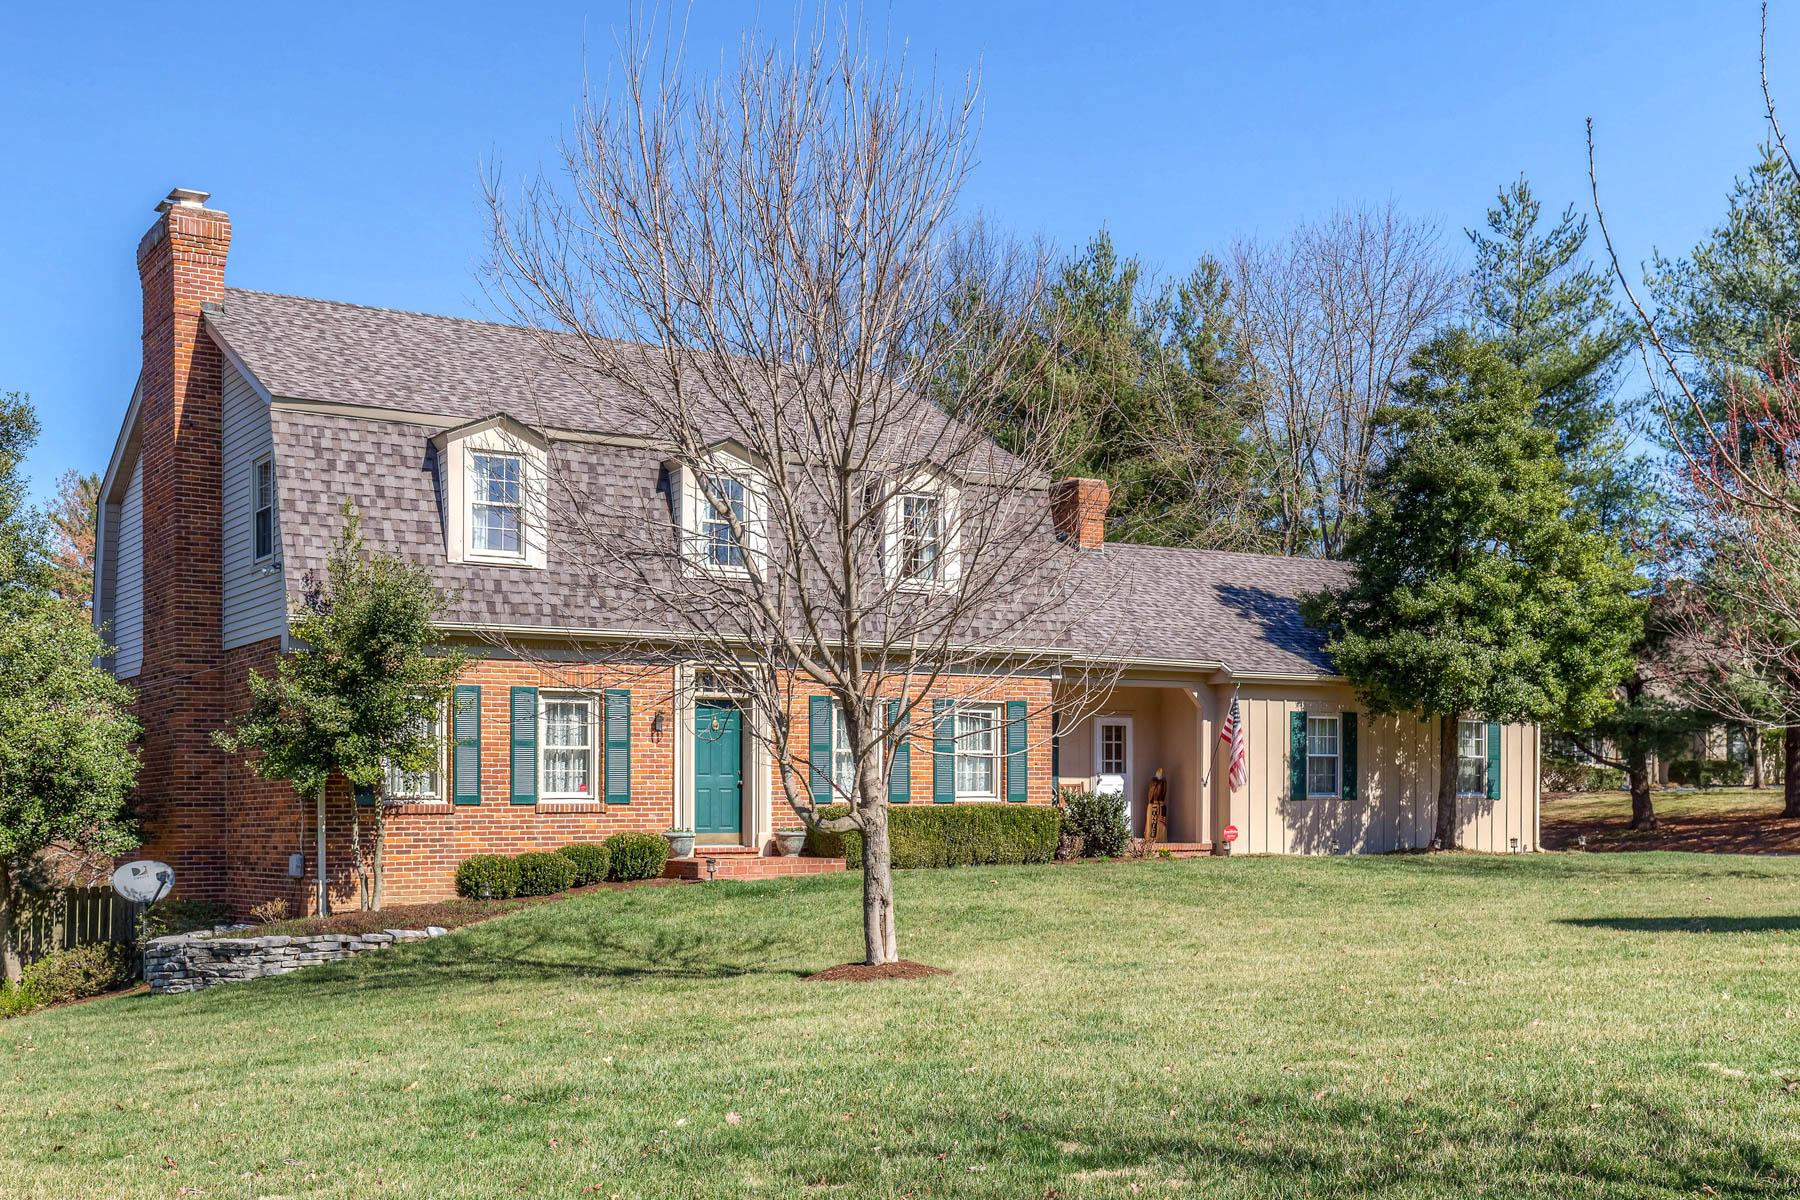 Maison unifamiliale pour l Vente à Conway Road 12609 Conway Road Creve Coeur, Missouri, 63141 États-Unis